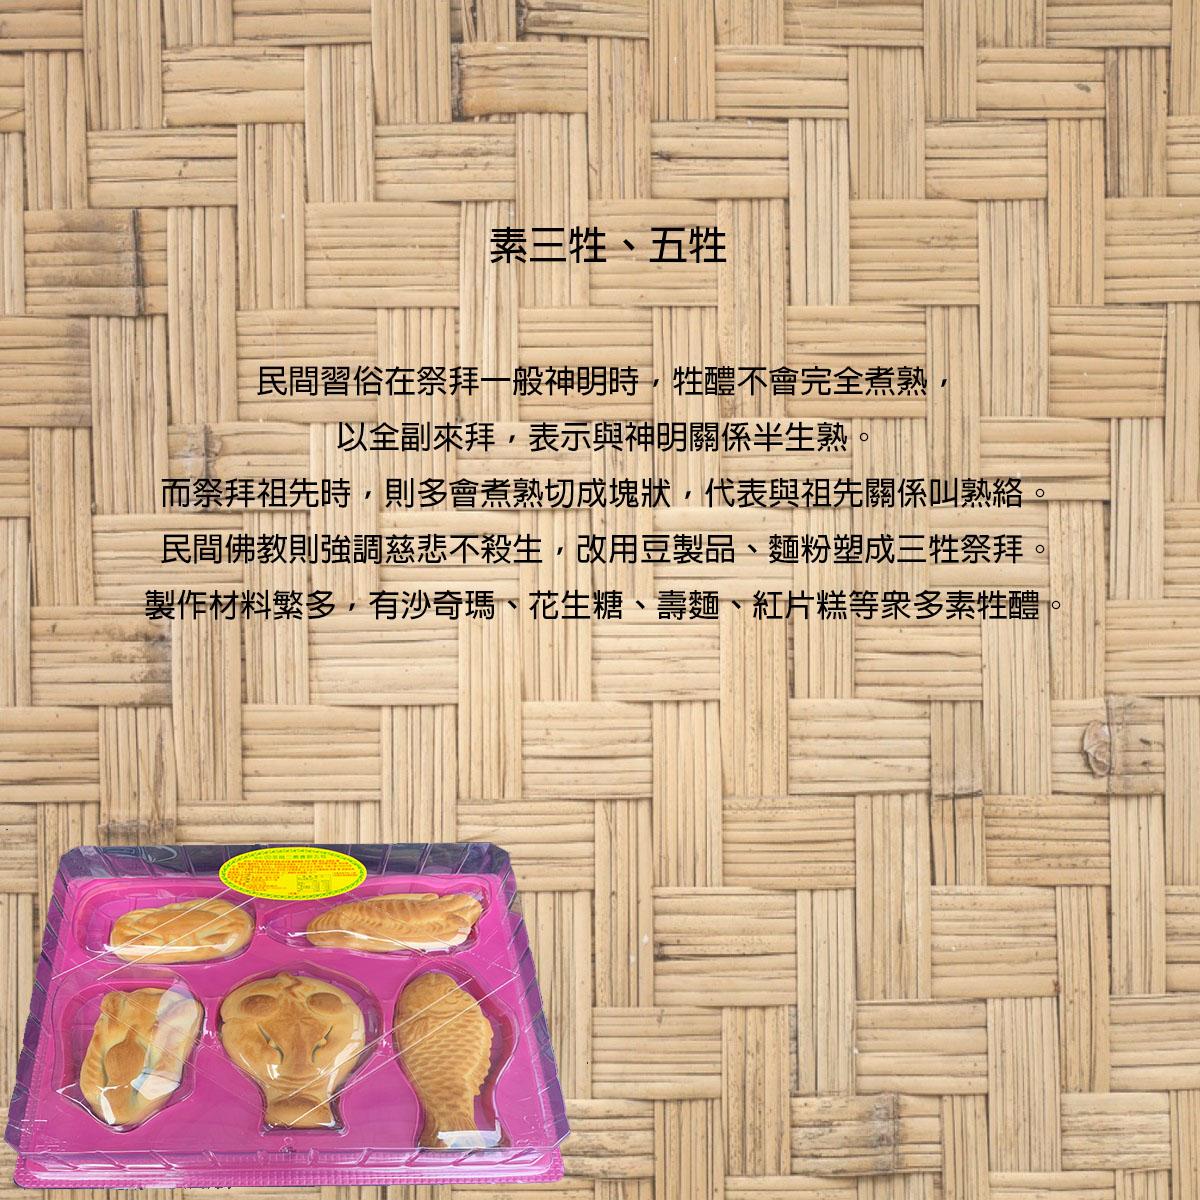 法事祭品-香齋素六飯菜全組